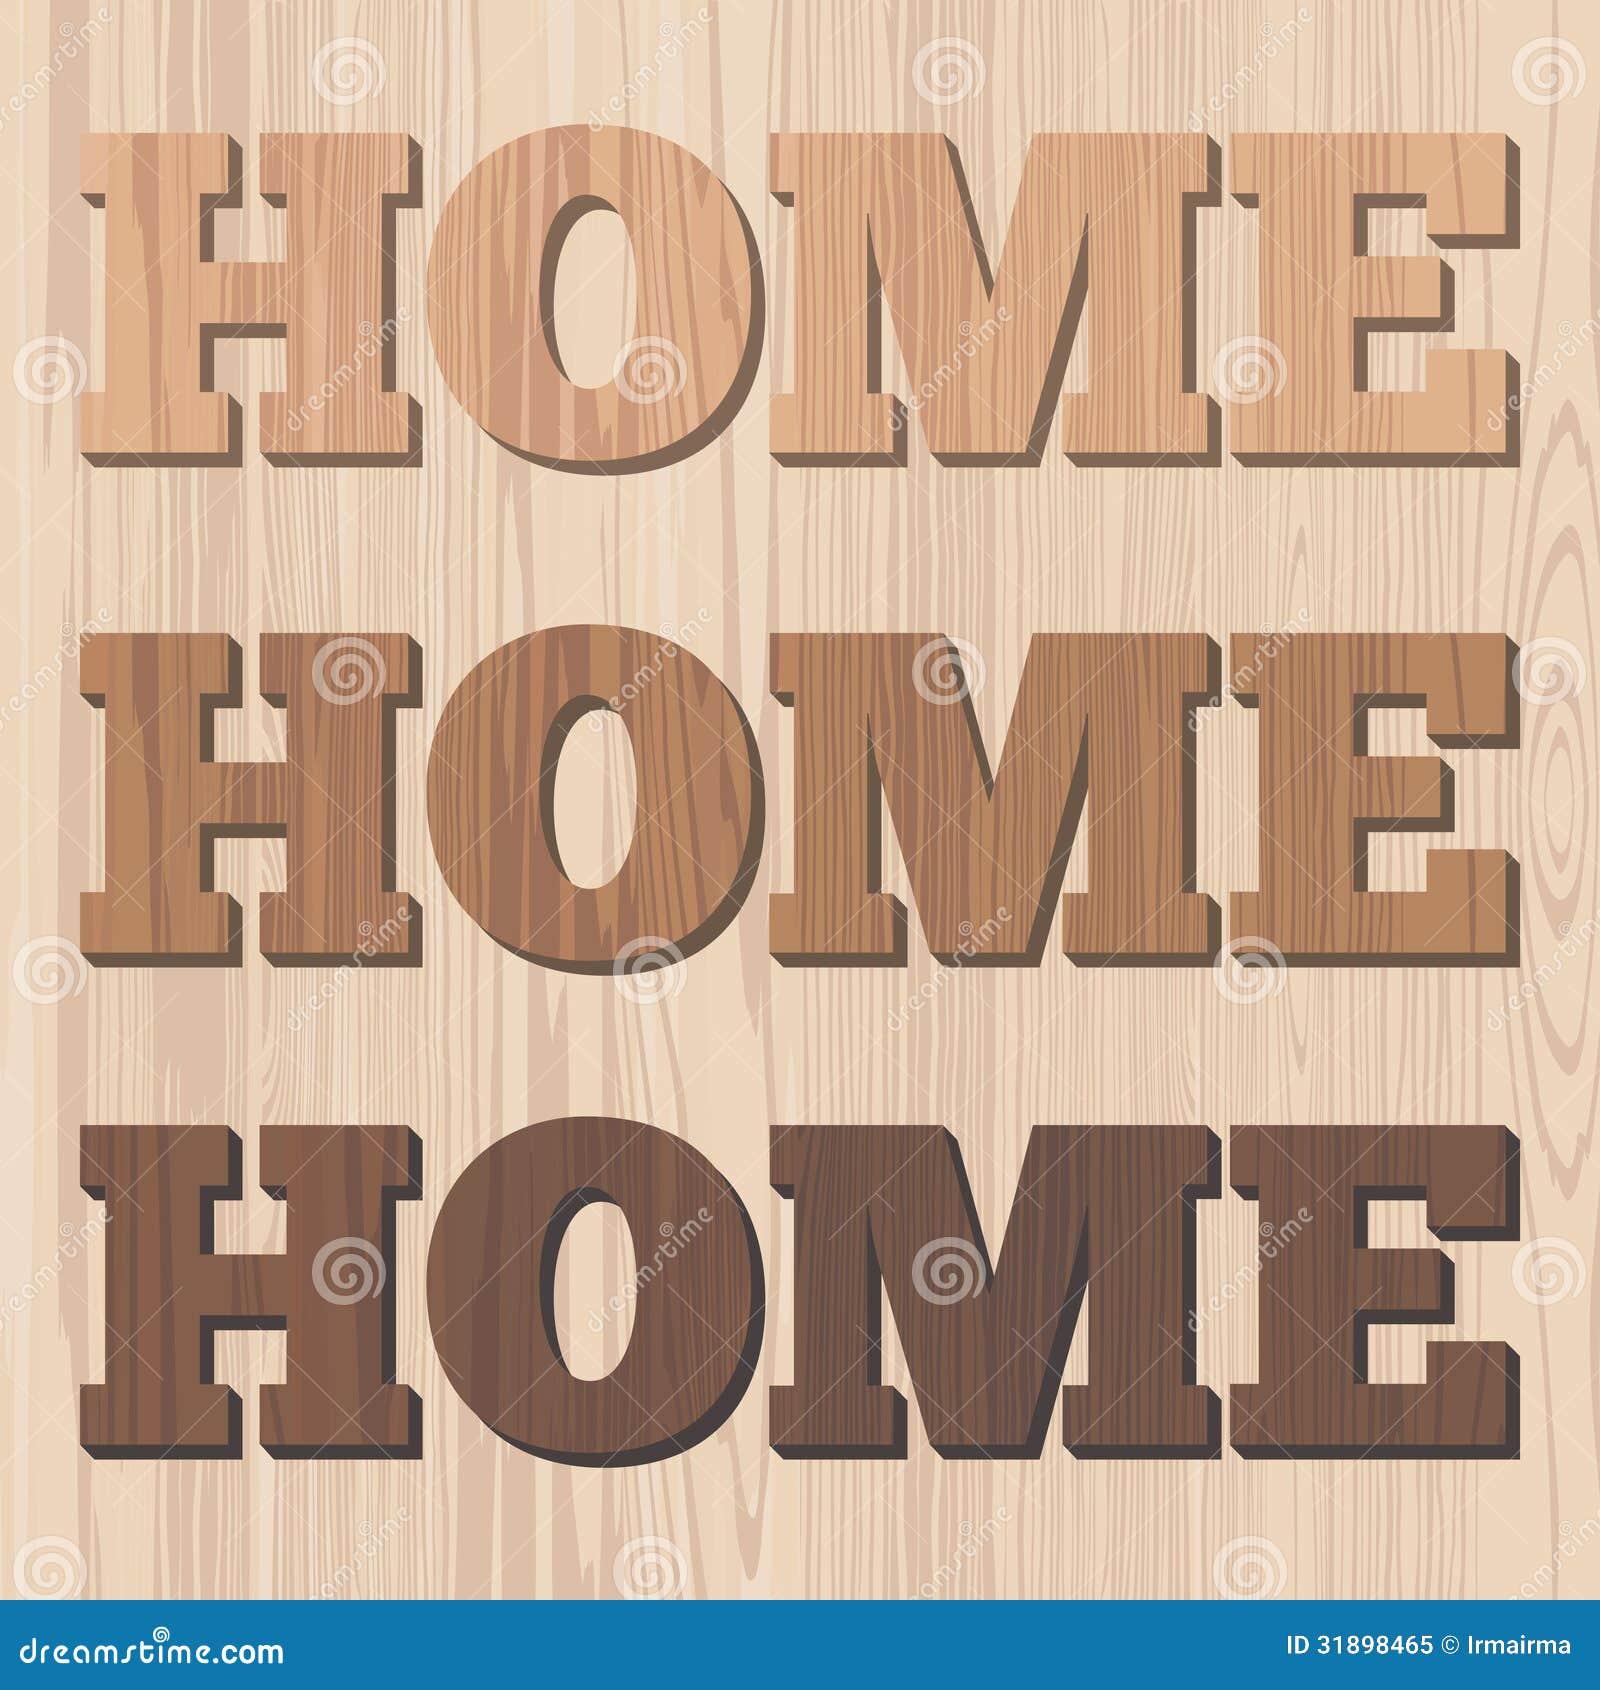 Letra de madera del hogar 3d foto de archivo libre de - Letras home decoracion ...